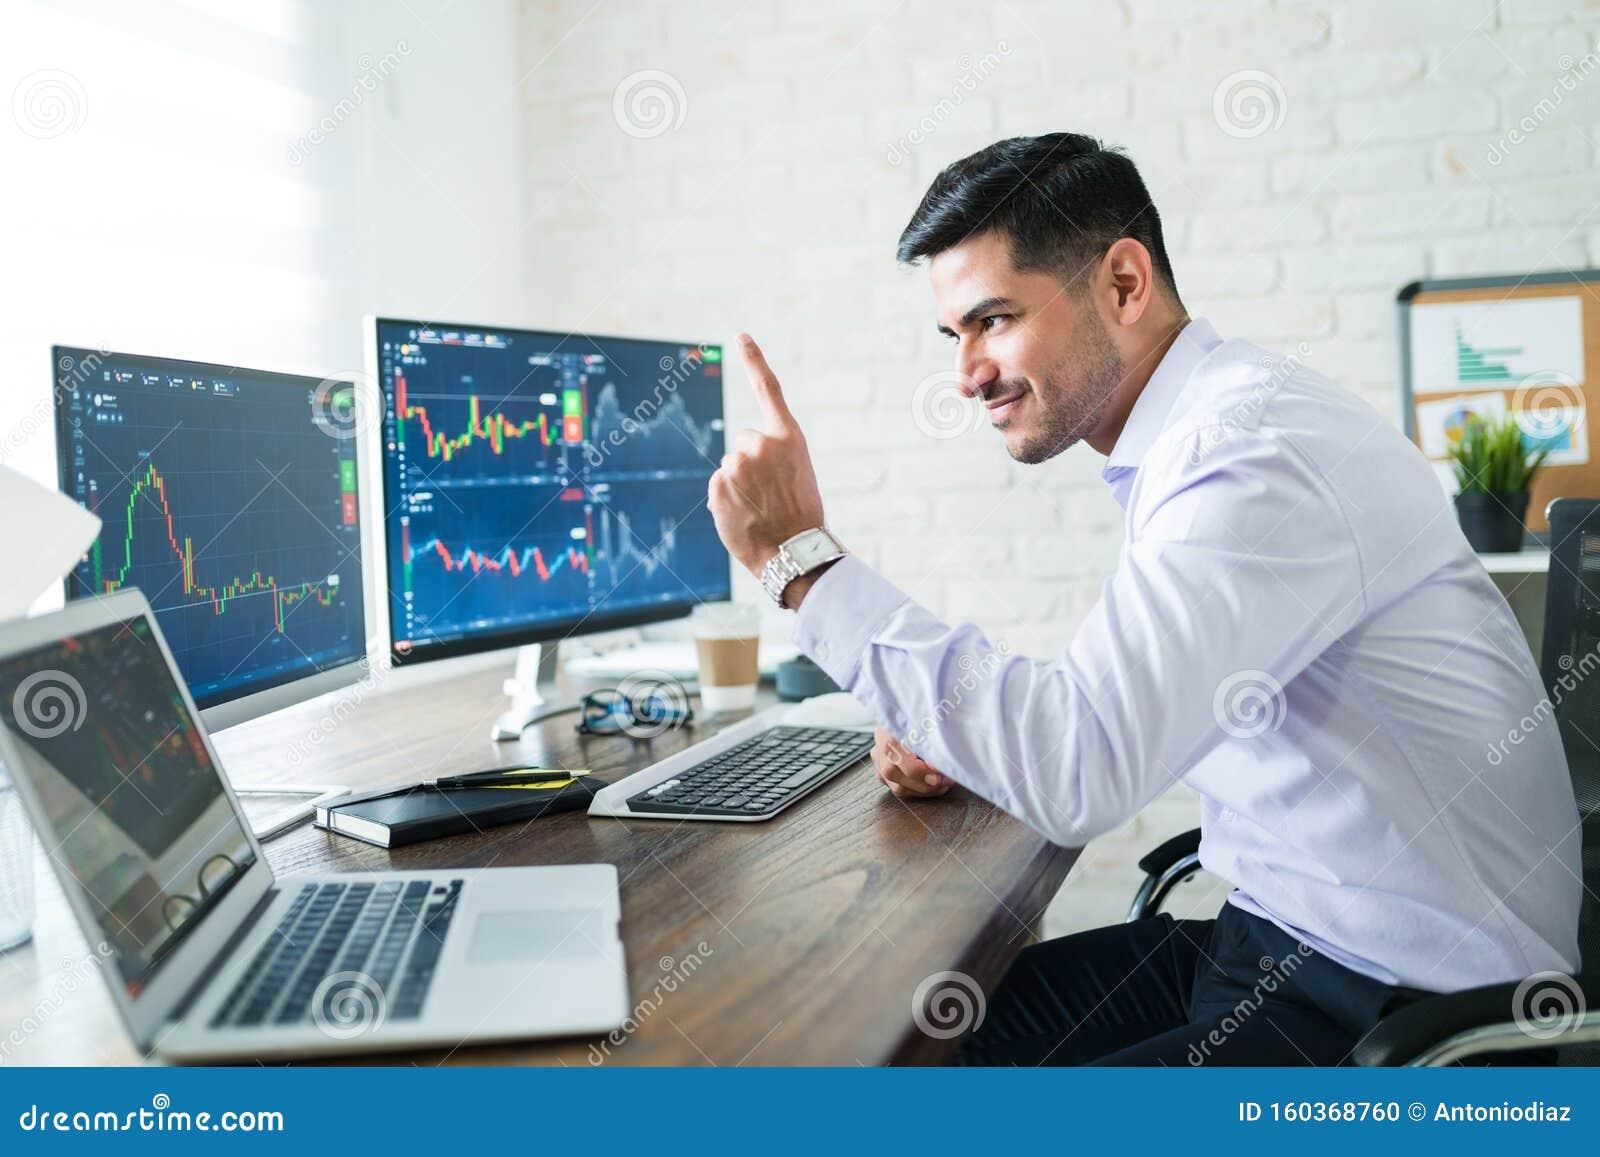 Trading online Broker Guida: come fare, cos'è, come iniziare